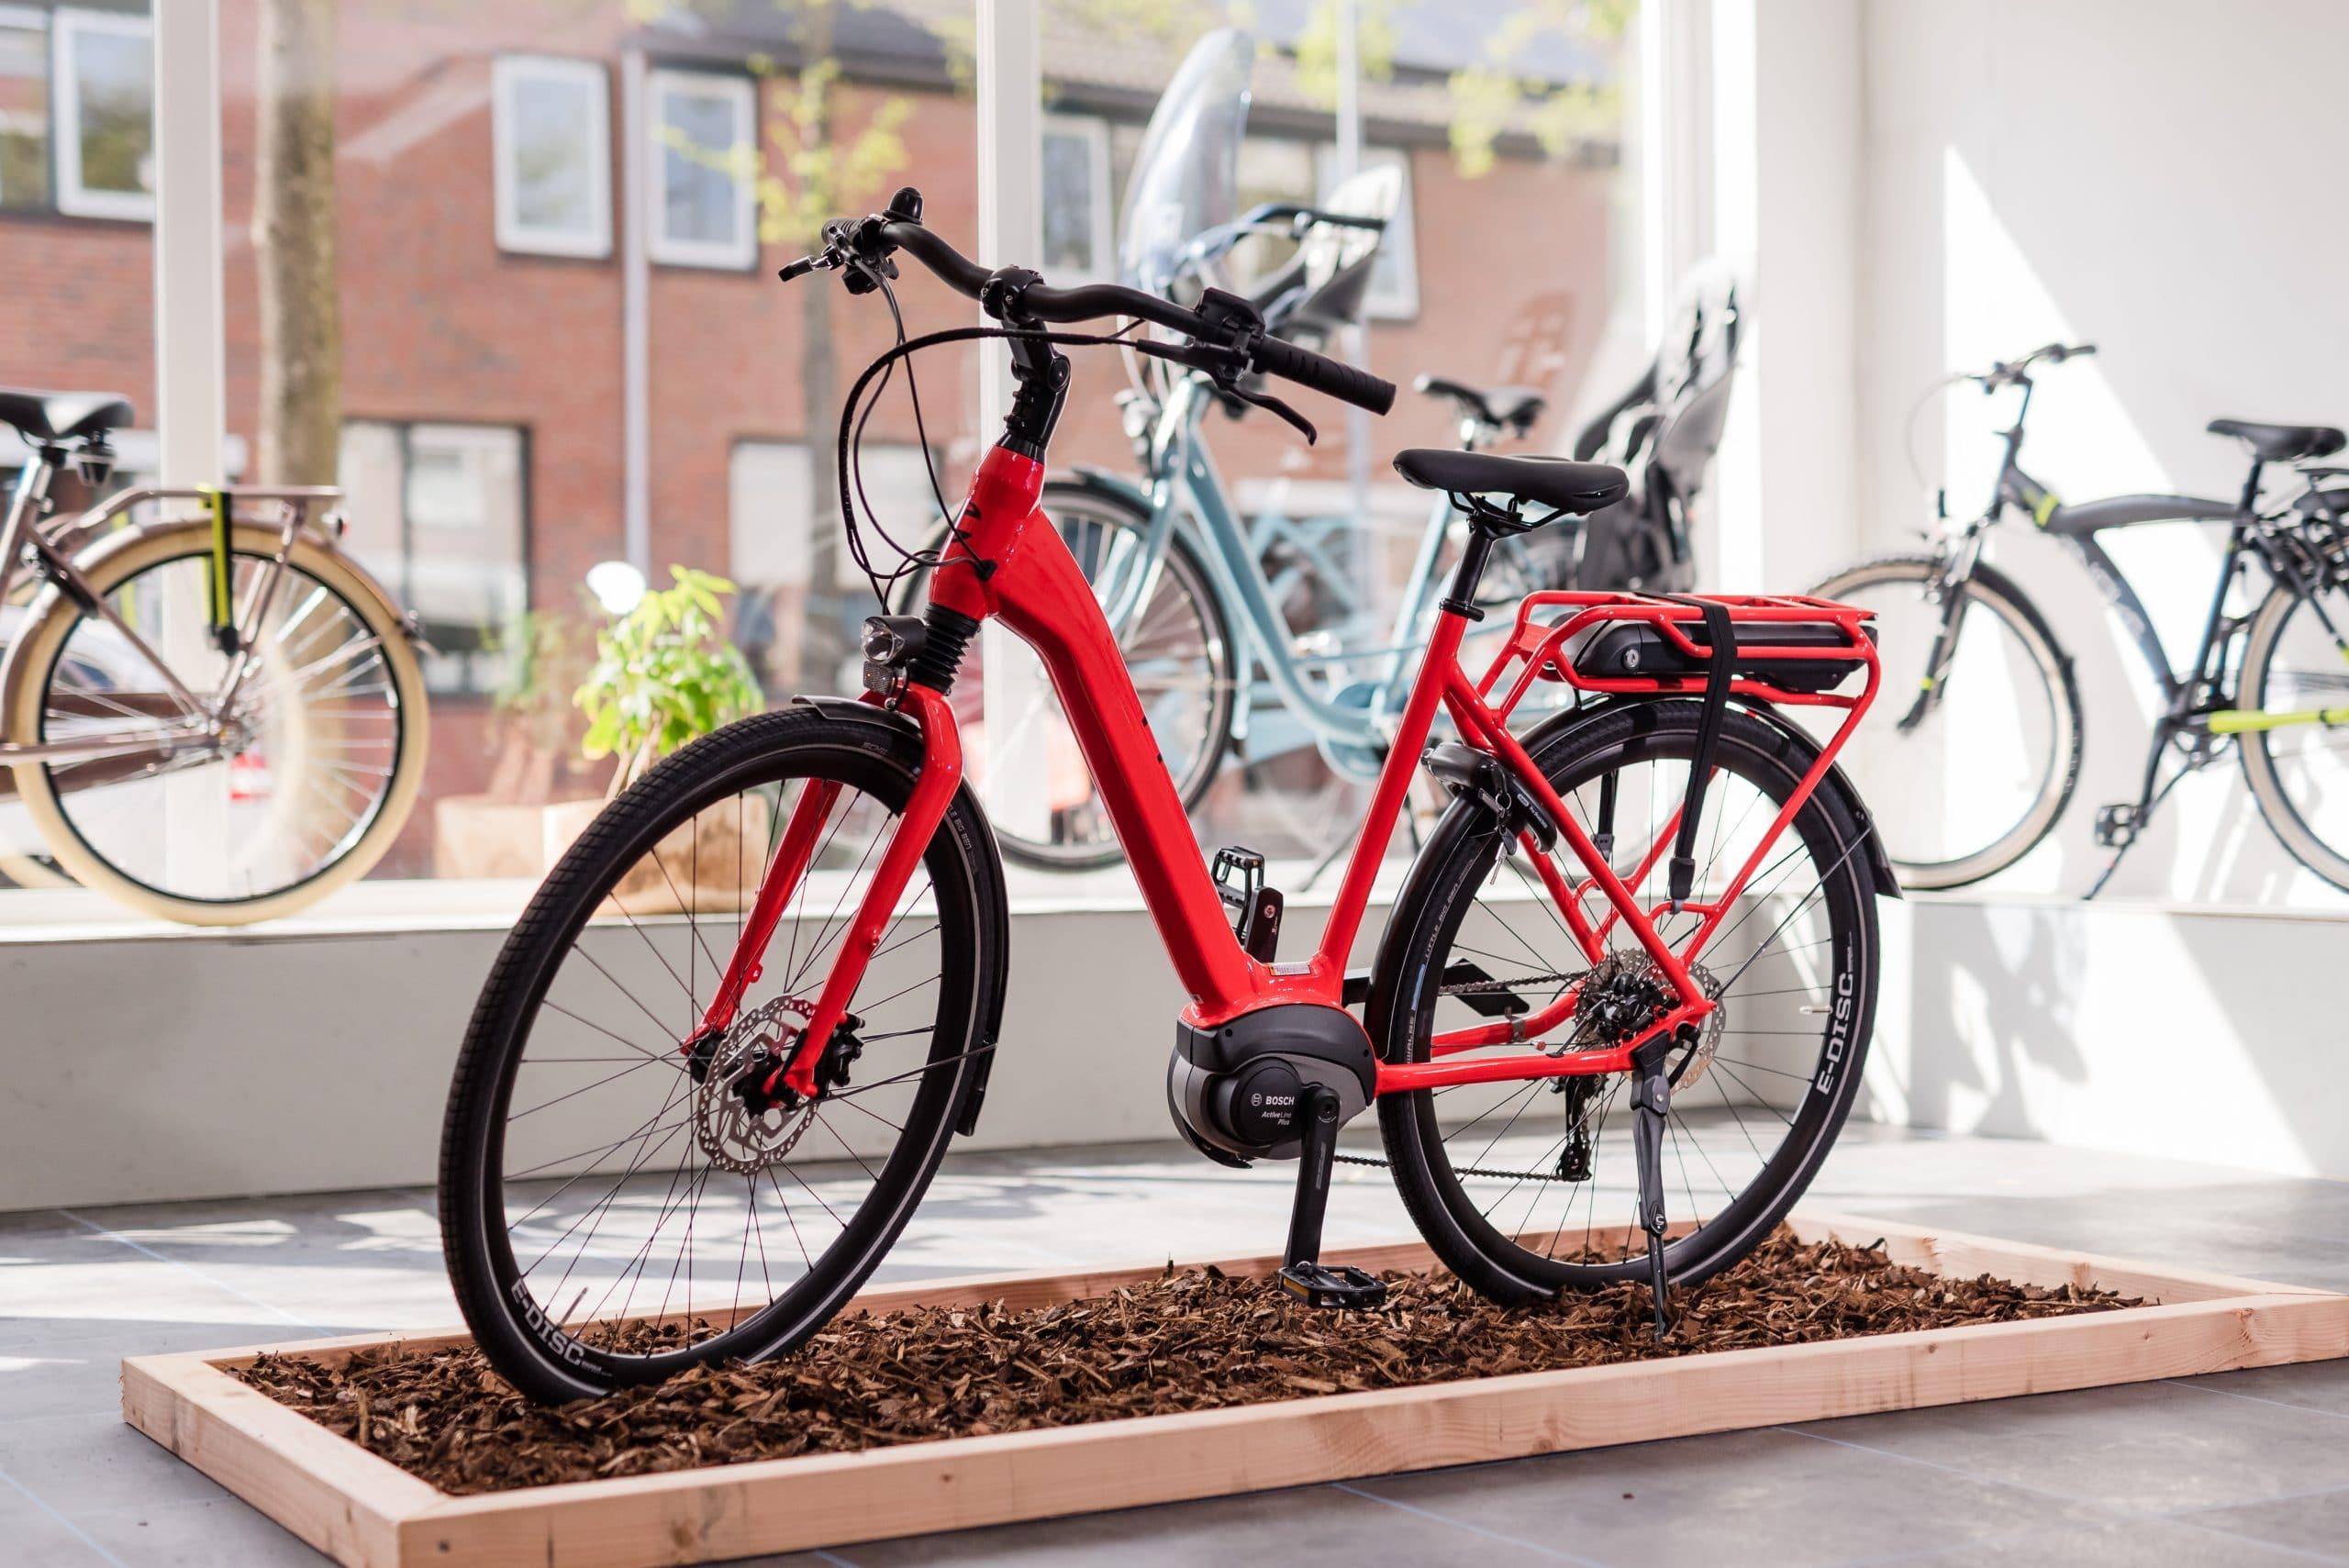 Fietscentrum Groningen fietswinkel e-bikes stadsfietsen kinderfietsen collectie